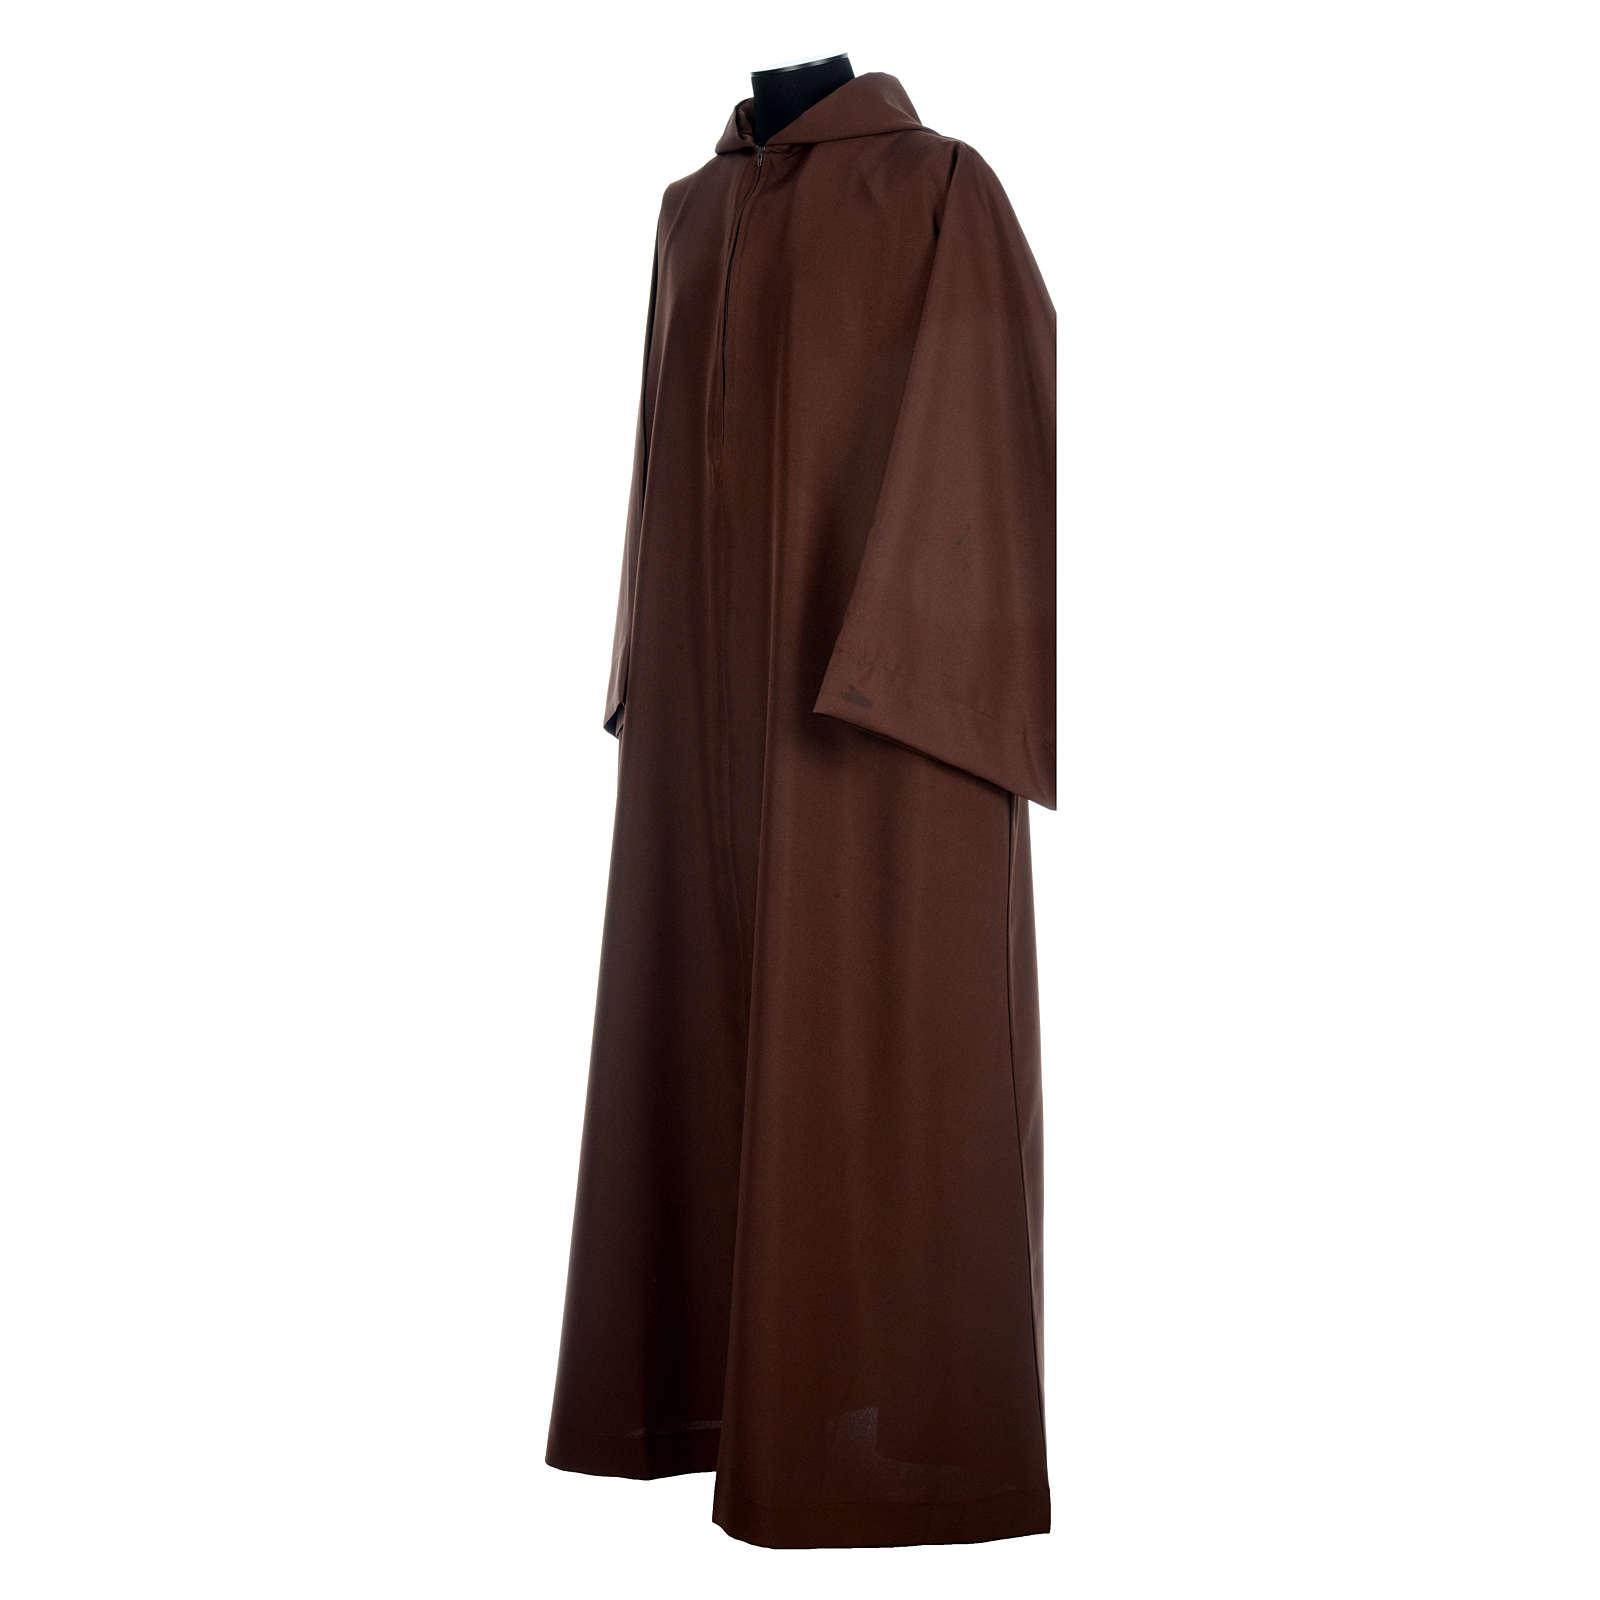 Camice francescano marrone poliestere 4